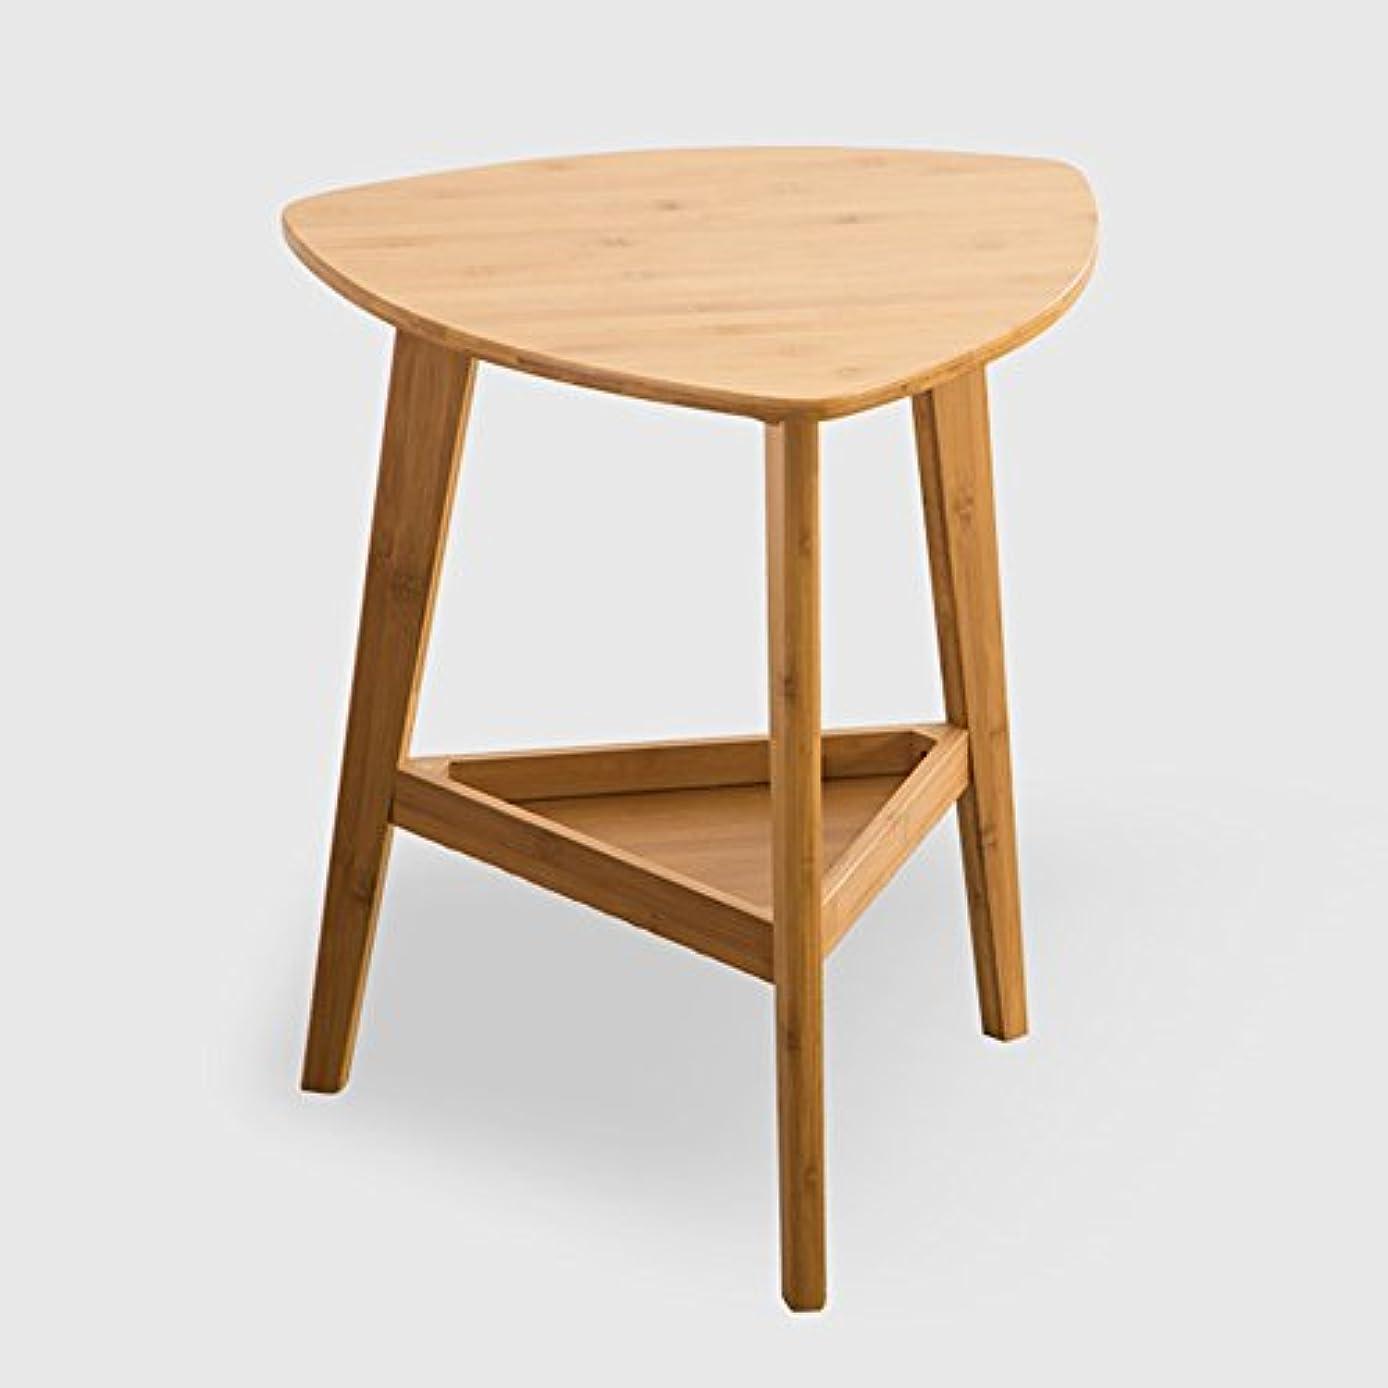 余分なタンザニアオリエンテーションLJHA zhuozi テーブルシンプルなコーナーテーブル移動ソファローテーブルバンブーミニテーブル46 * 57 * 50cm